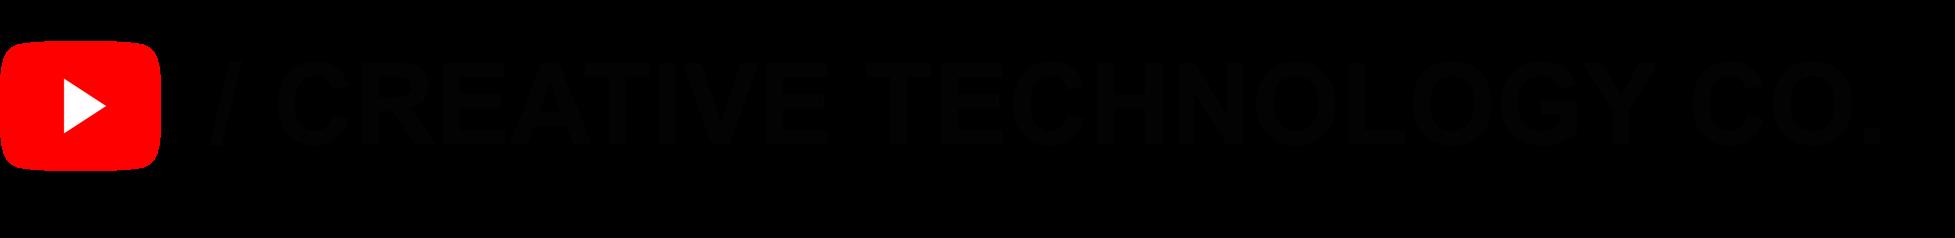 株式会社クリエイティブテクノロジーYouTube